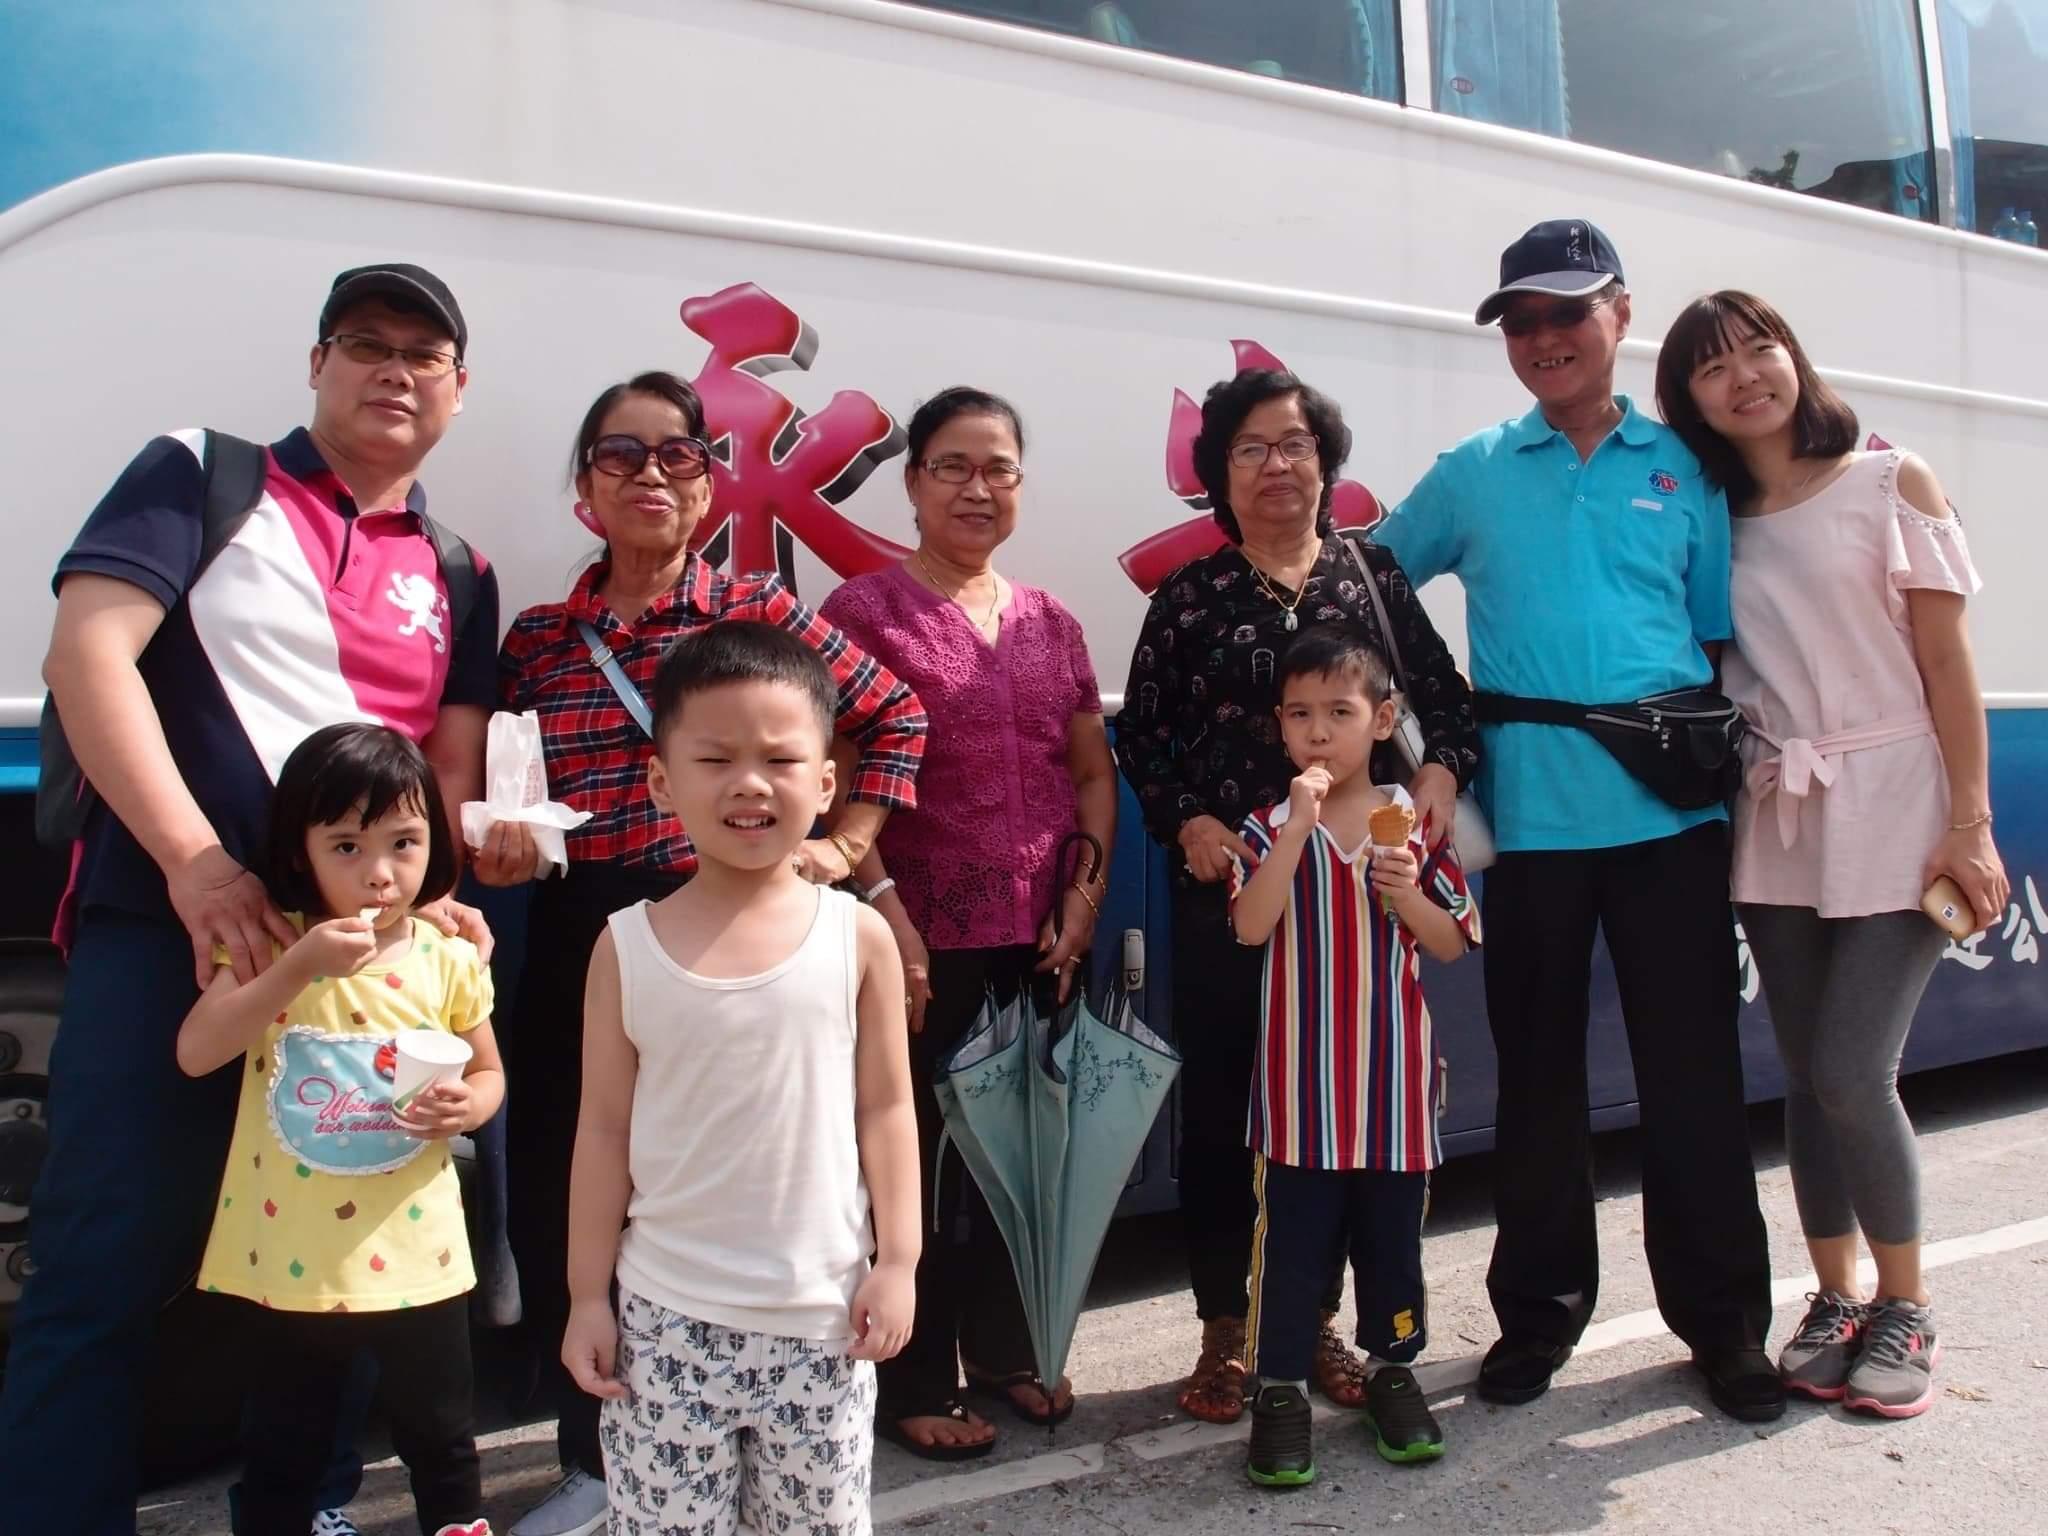 รูปถ่ายครอบครัวของคุณจาง